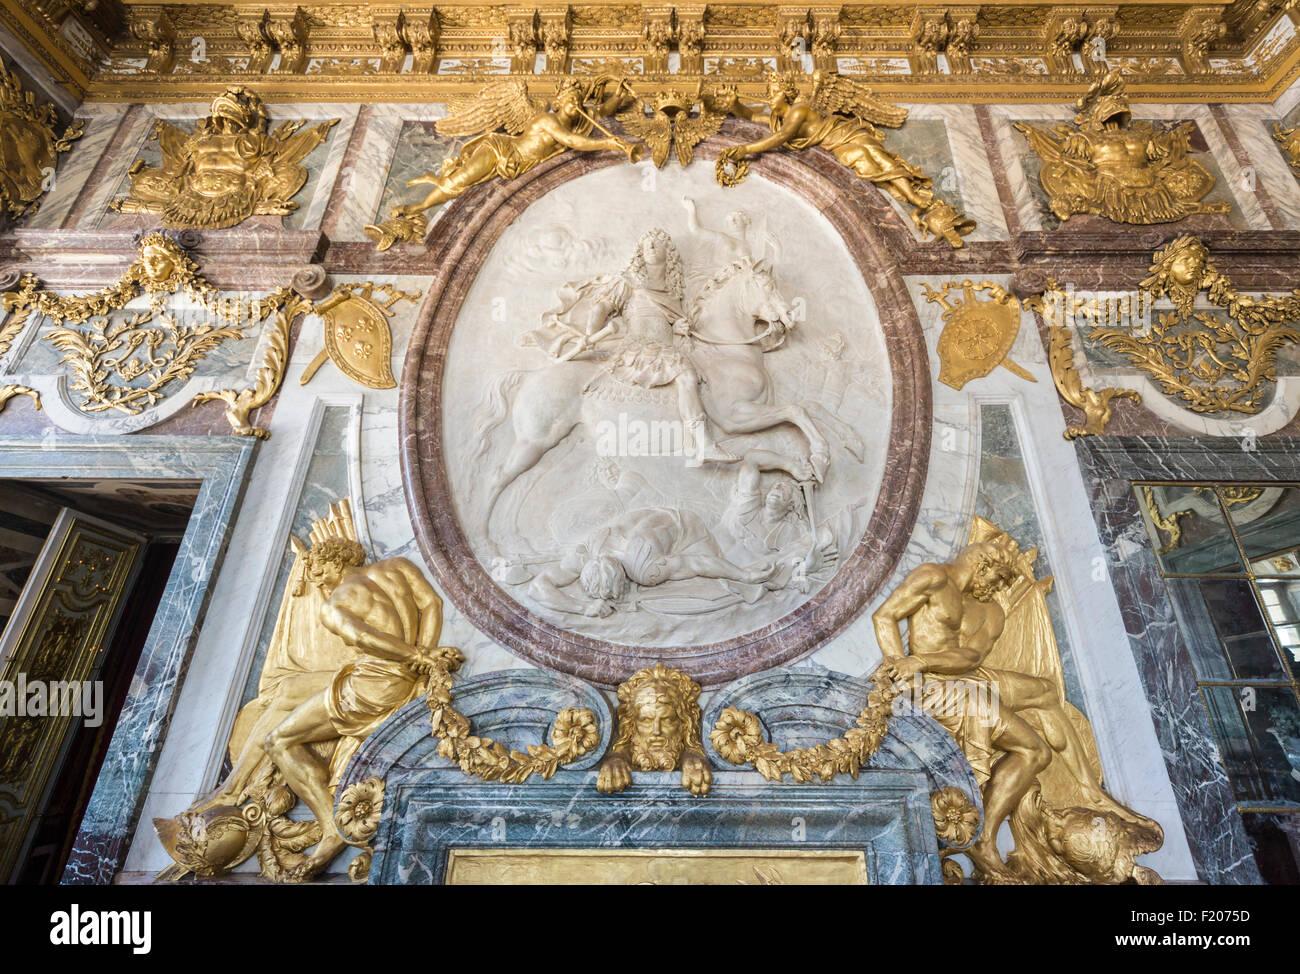 Tourisme En France Sculpture Du Roi Soleil Louis Xiv Dans La